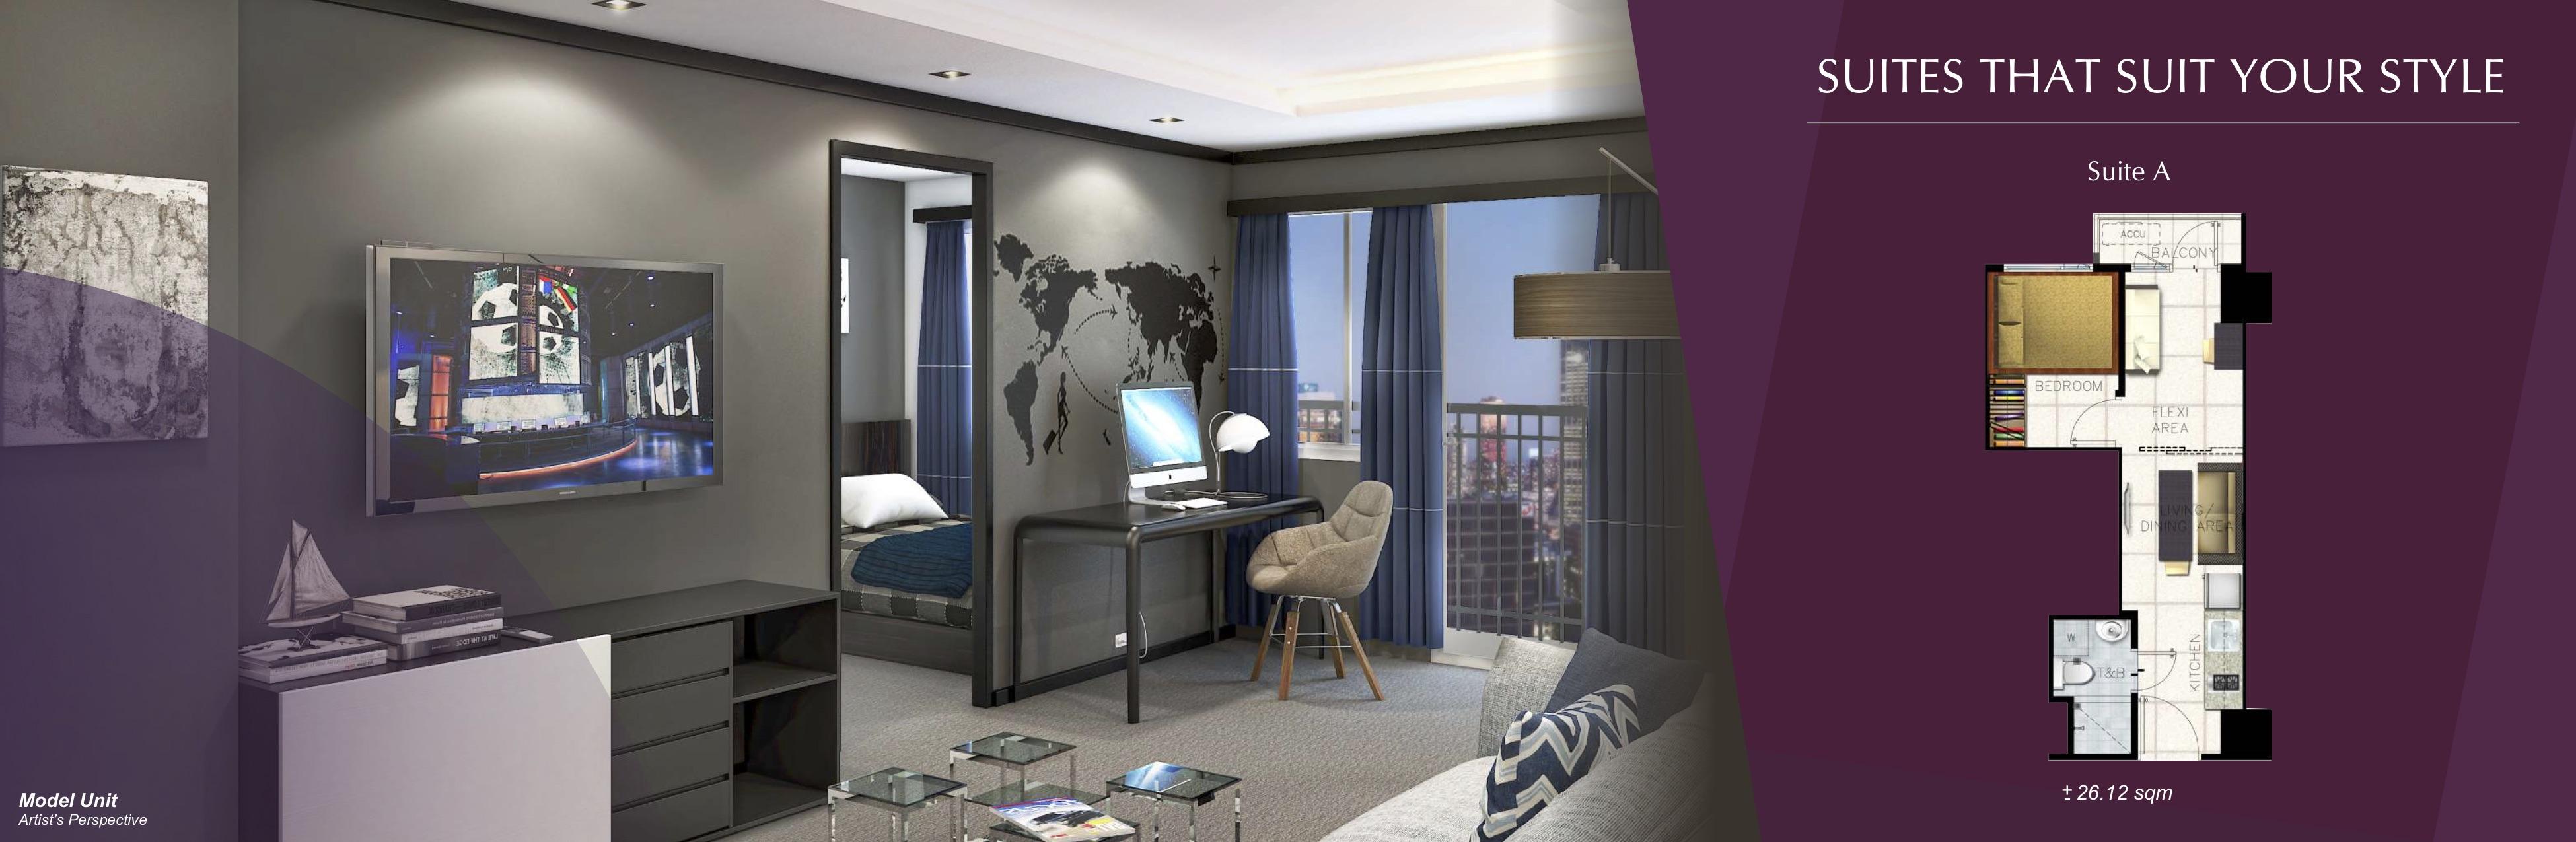 01. Suite A